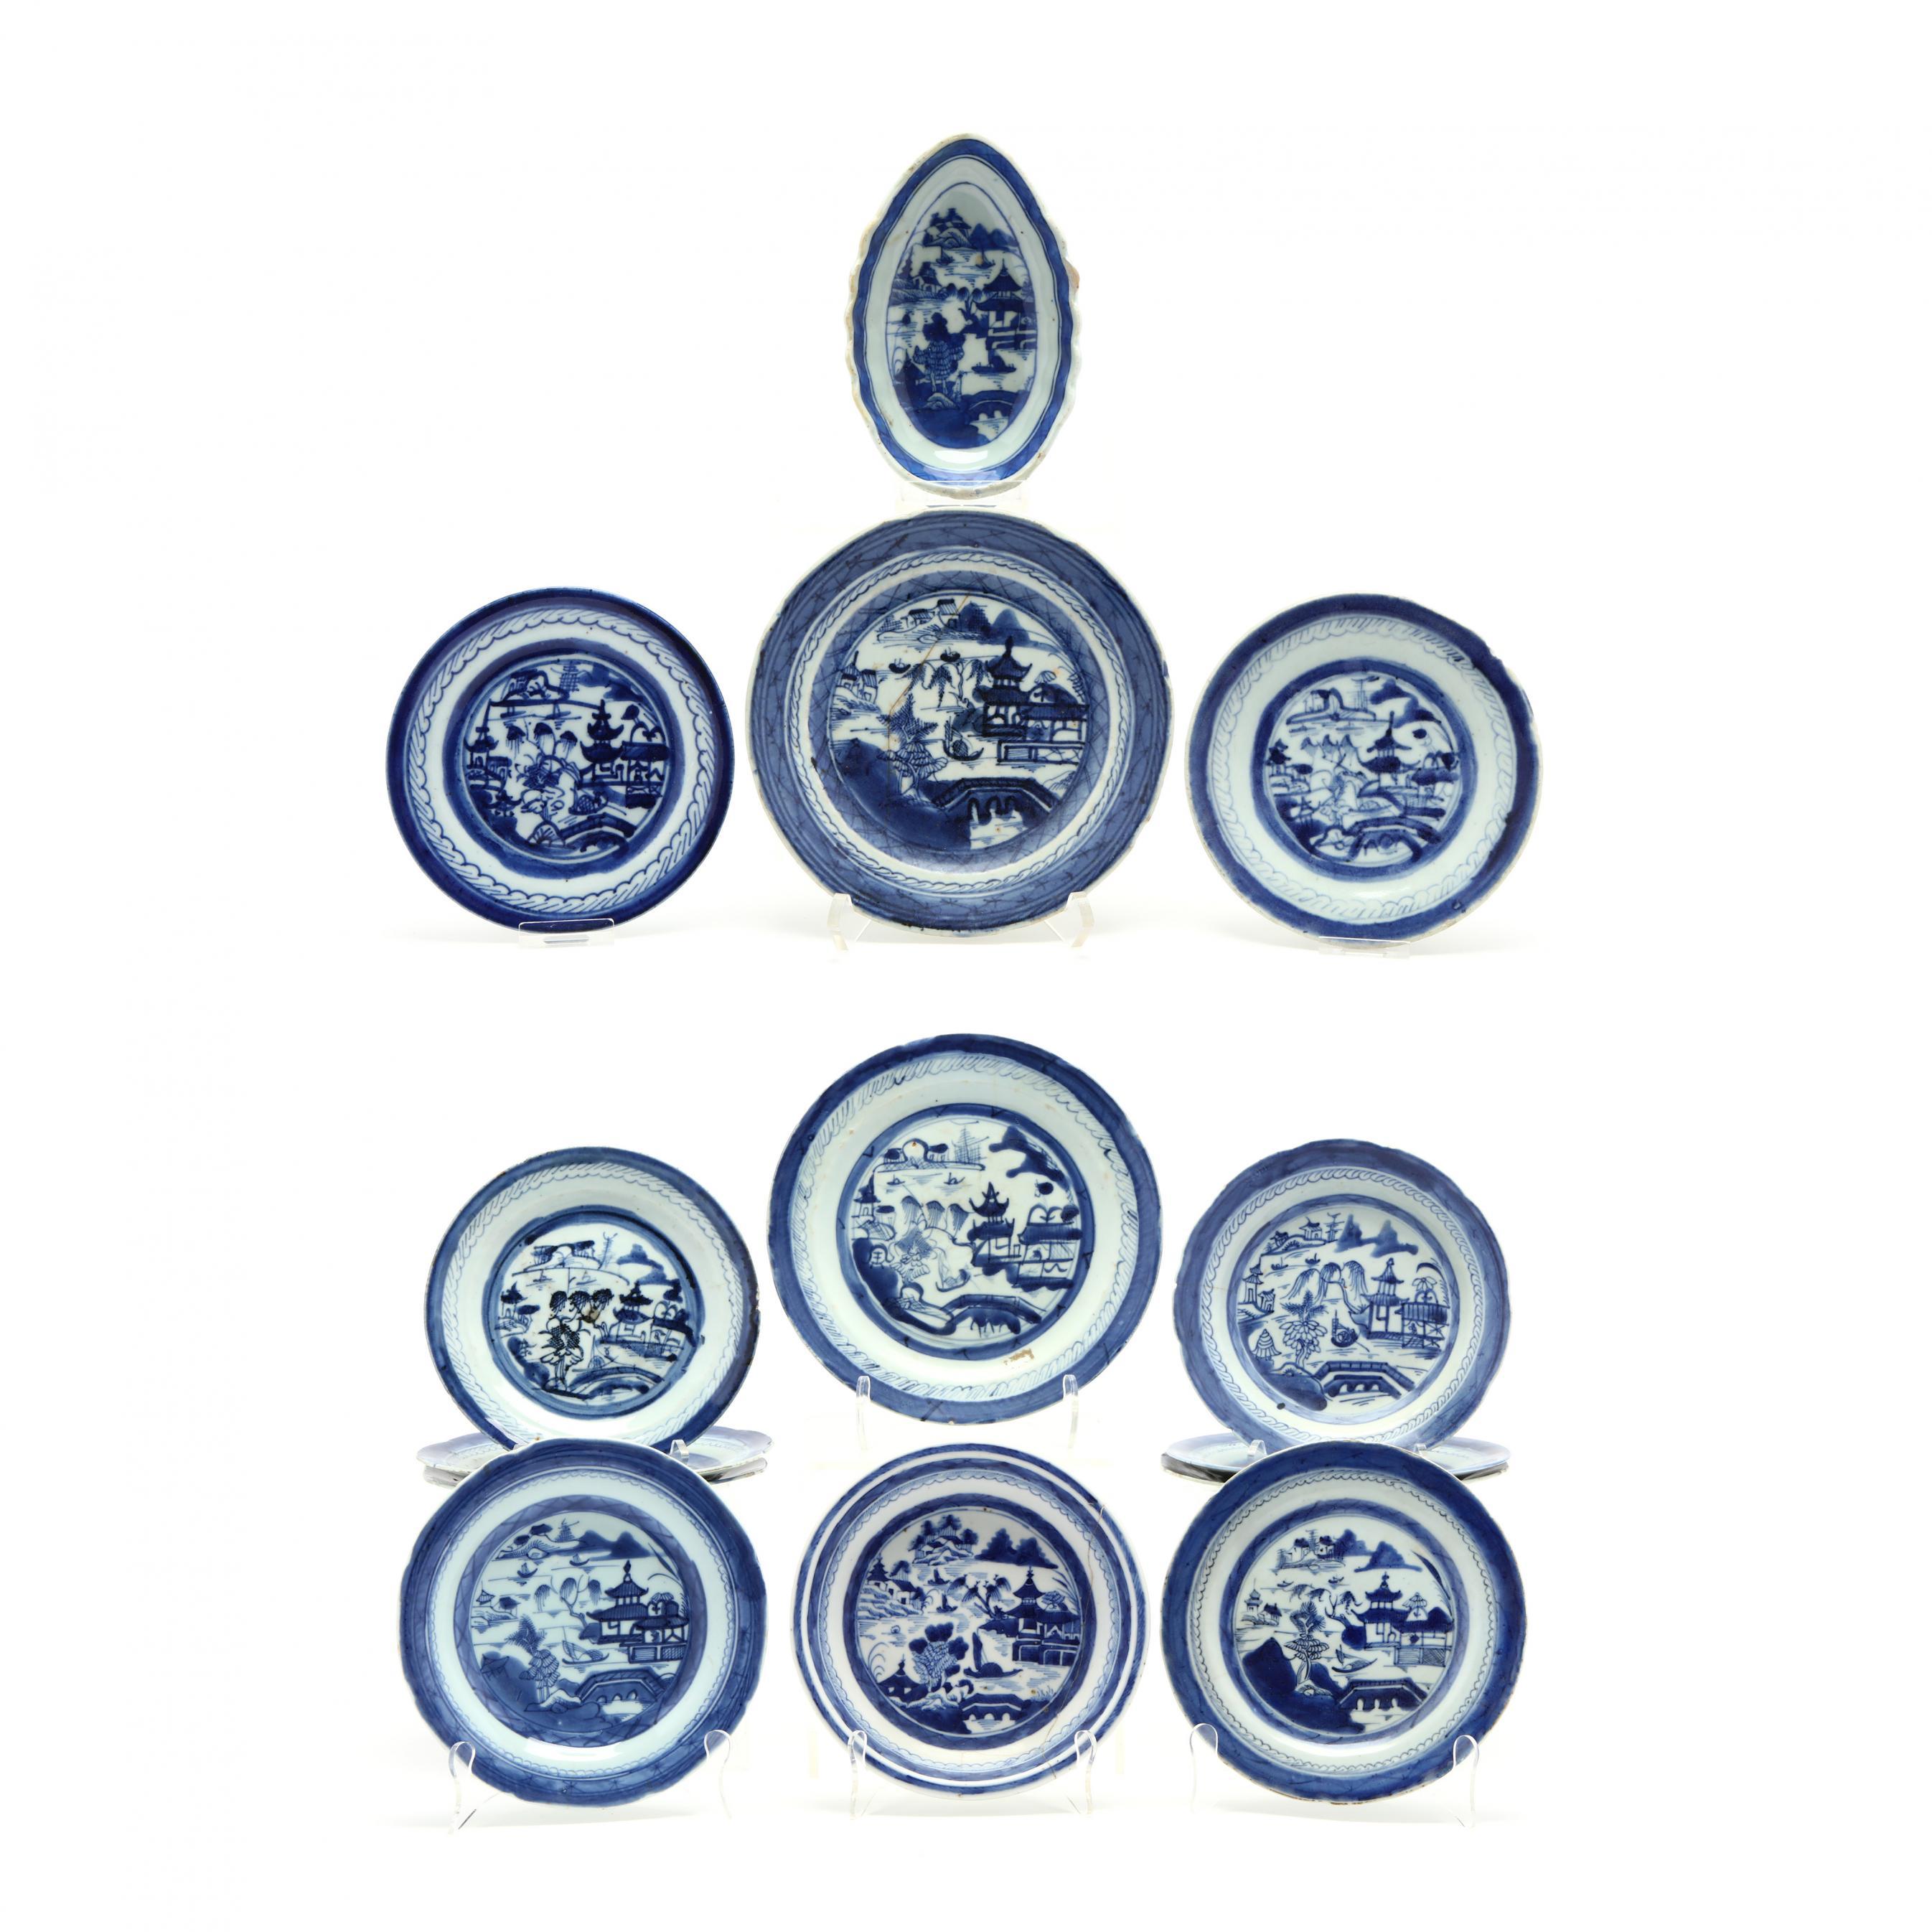 14-pieces-of-canton-porcelain